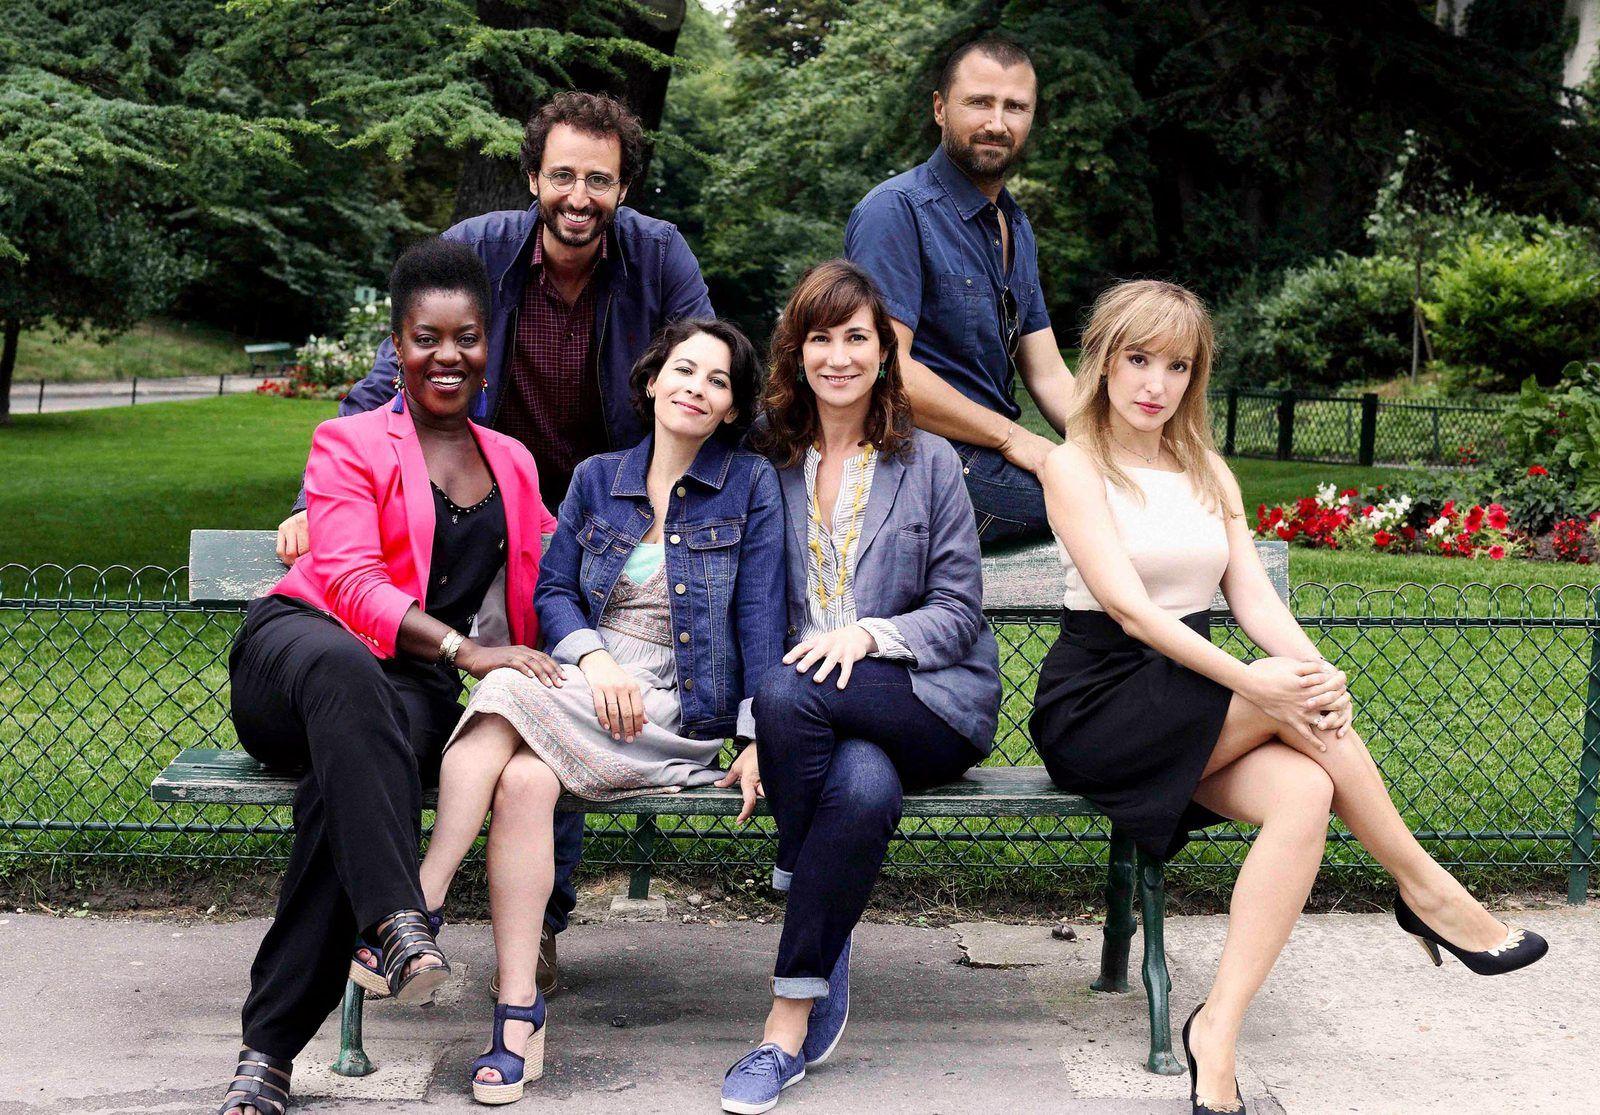 Extraits de la série française inédite Presque parfaites diffusée ce soir sur HD1.